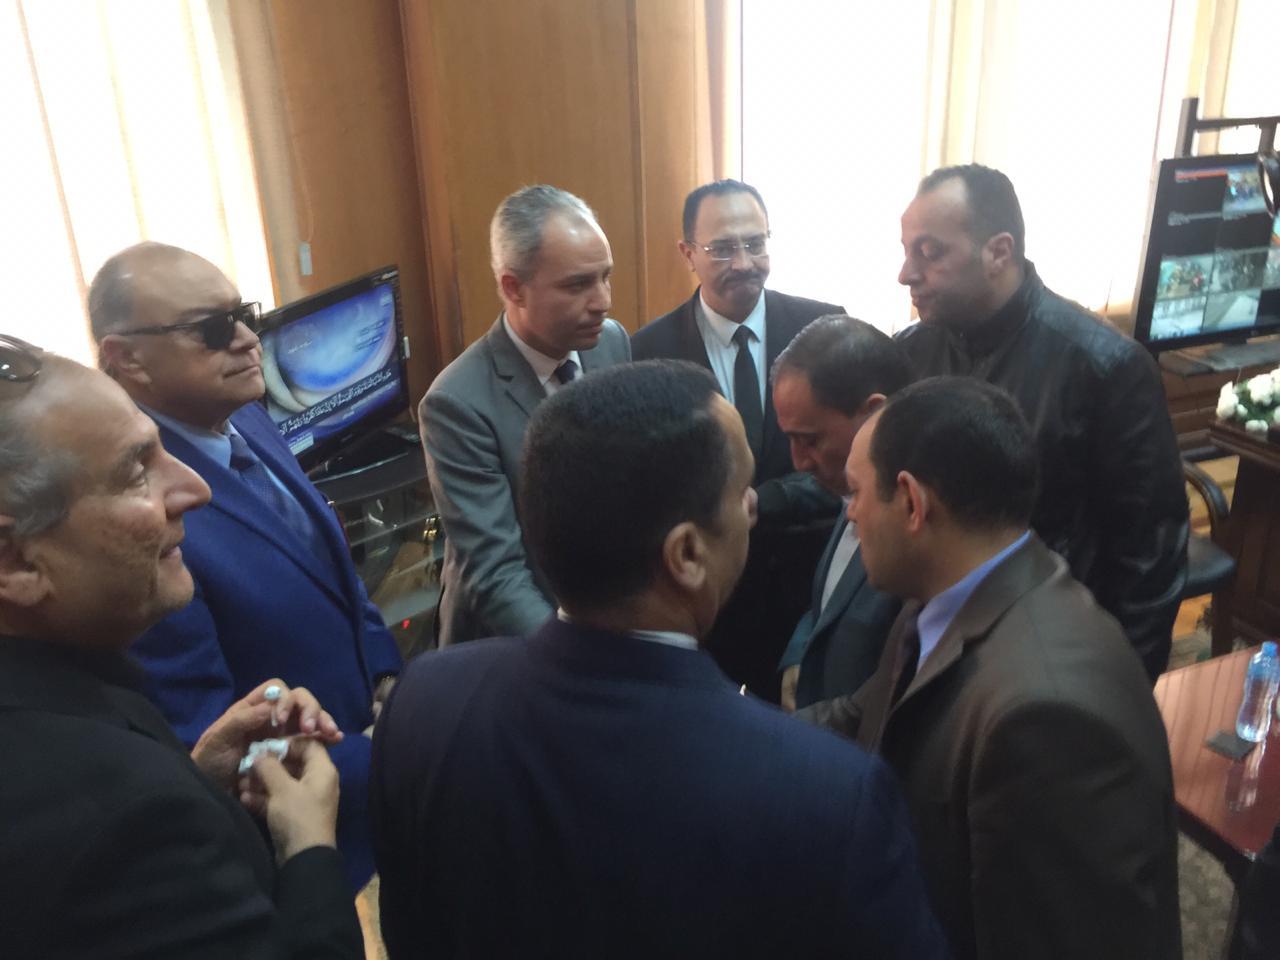 اجتماع مغلق لوفد البرلمان مع رئيس هيئة السكك الحديدية (5)